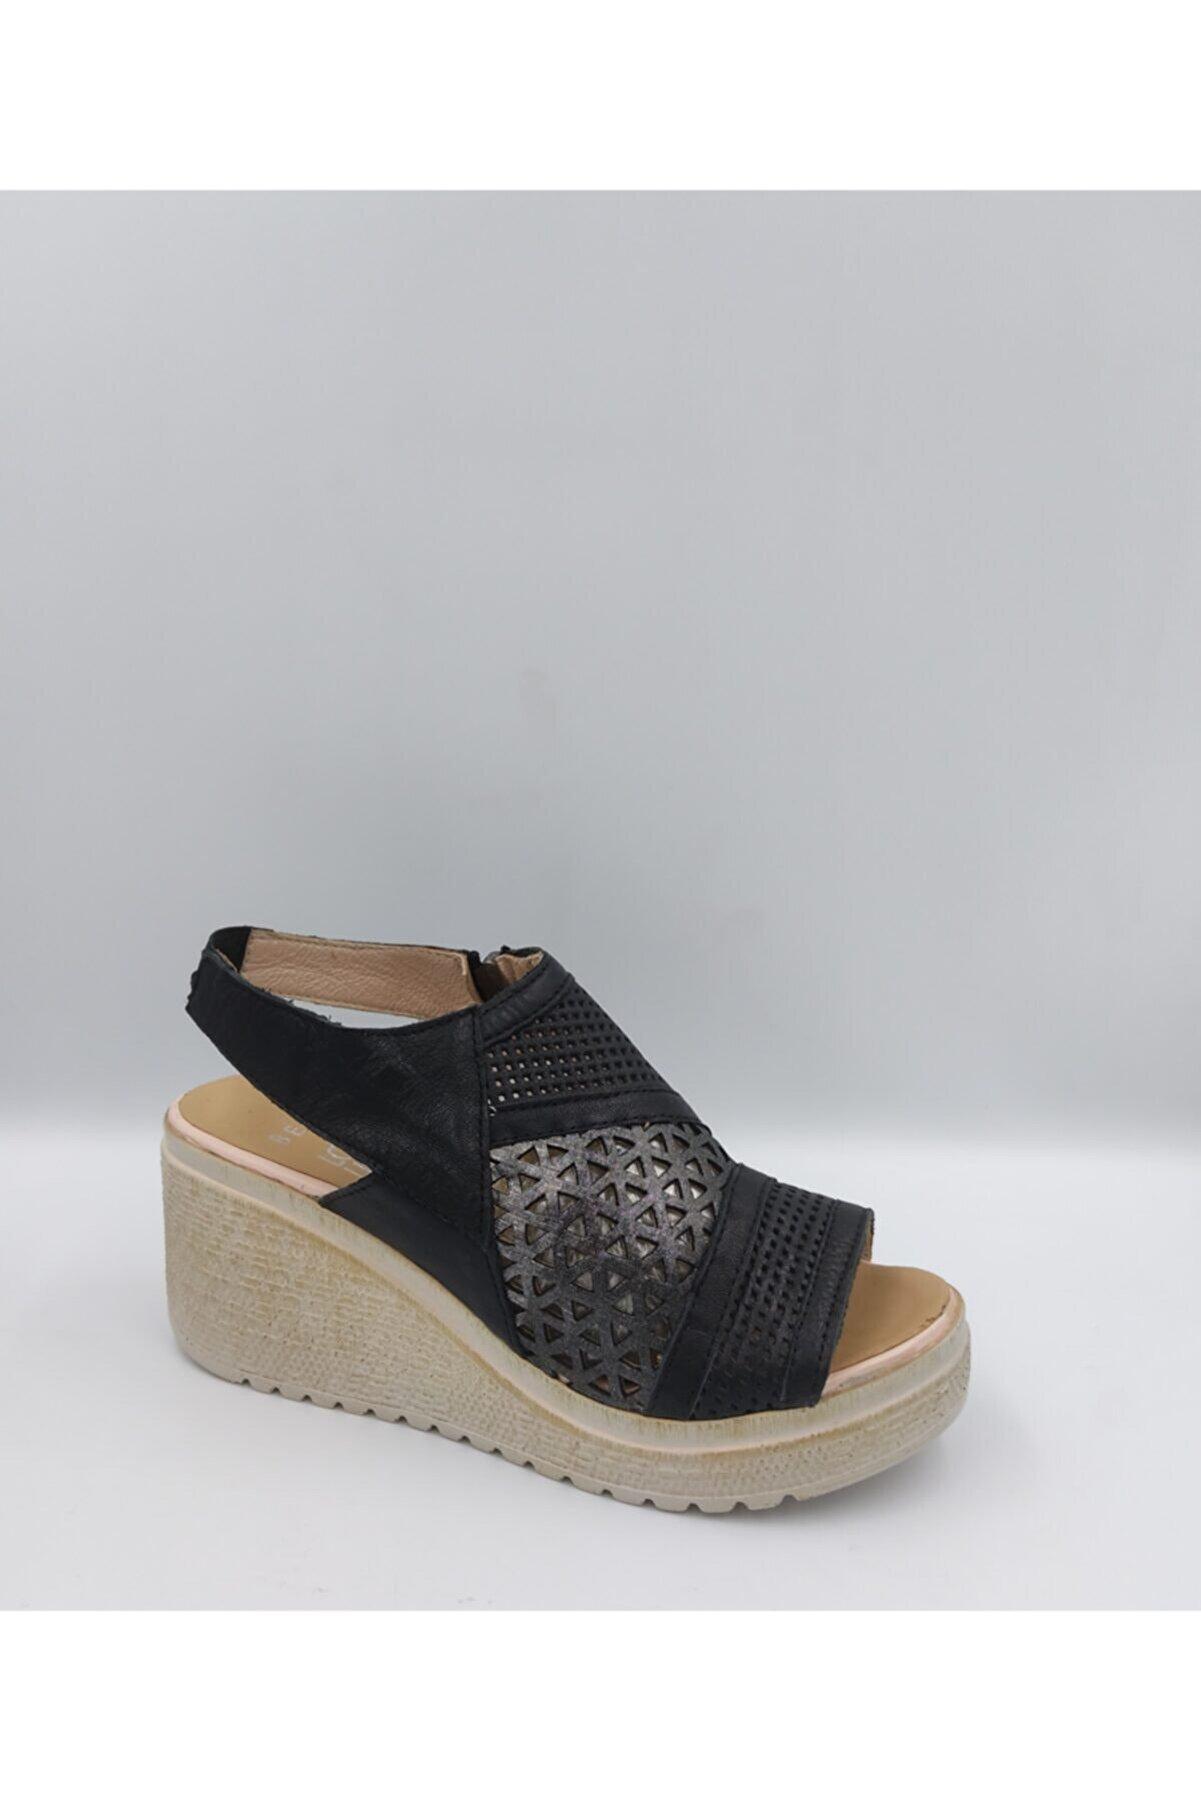 BEN AYAKKABI Kadın Siyah Hakiki Deri Sandalet